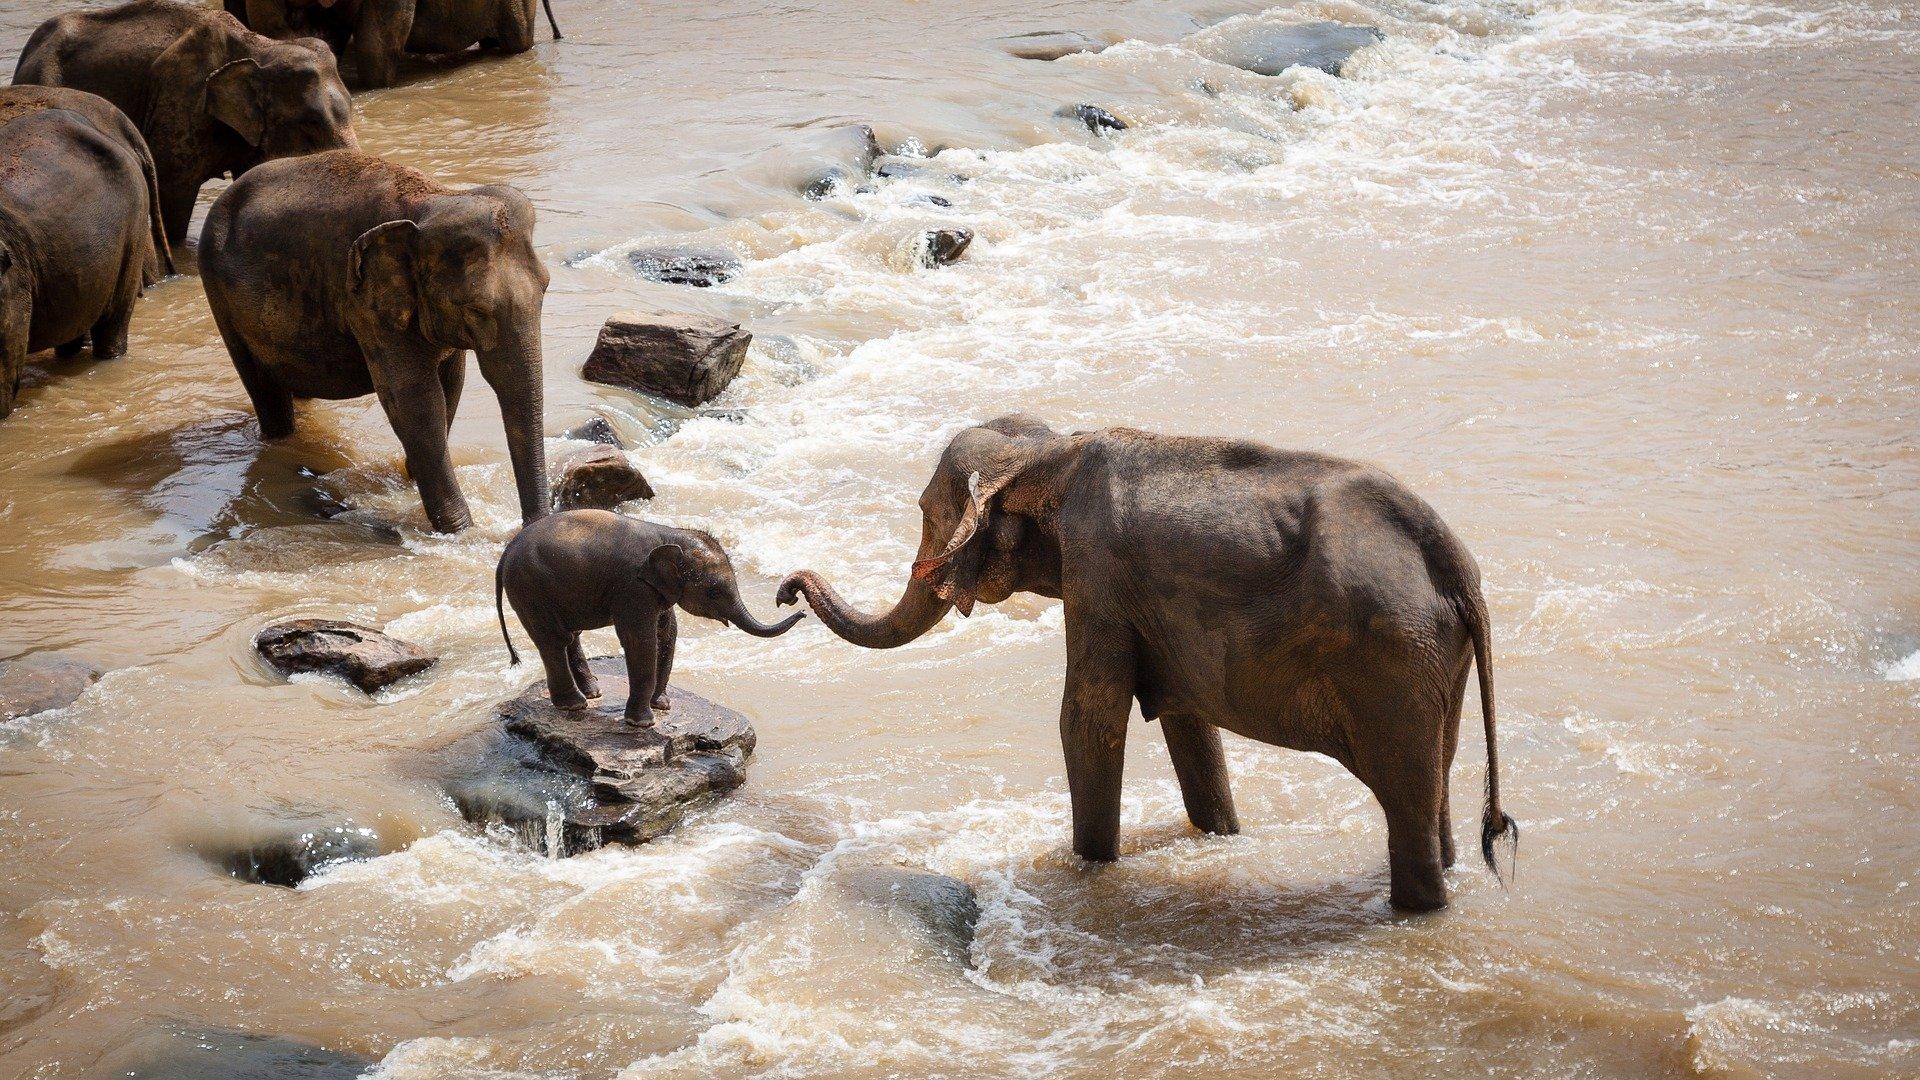 elephants-1900332_1920